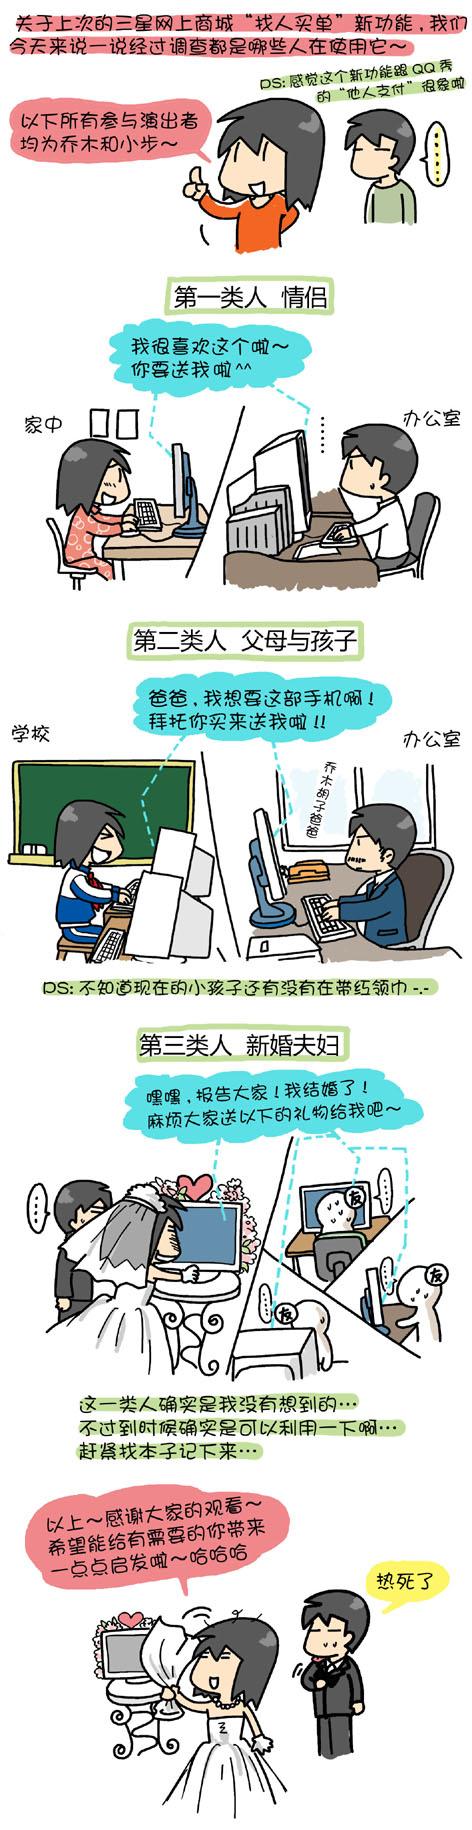 三星网上商城第二波~ - 小步 - 小步漫画日记